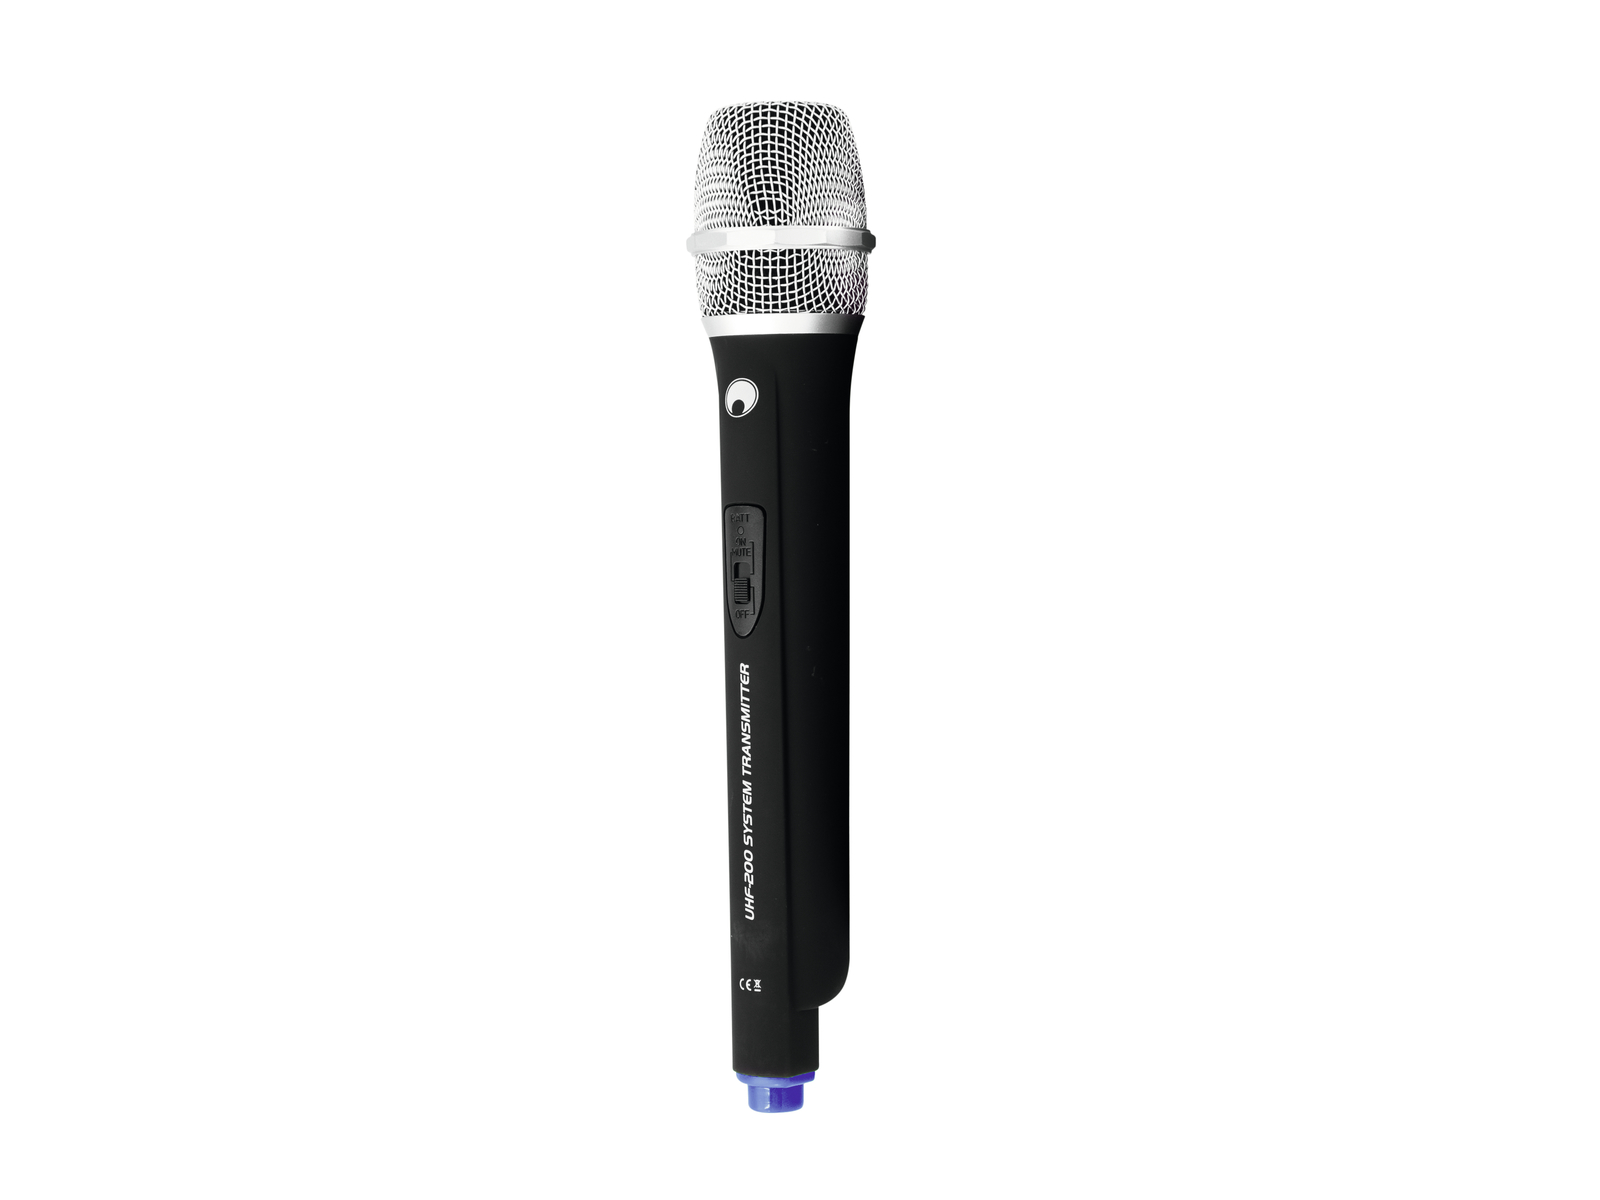 OMNITRONIC Microfono UHF-200 (823.100 MHz) (blu)